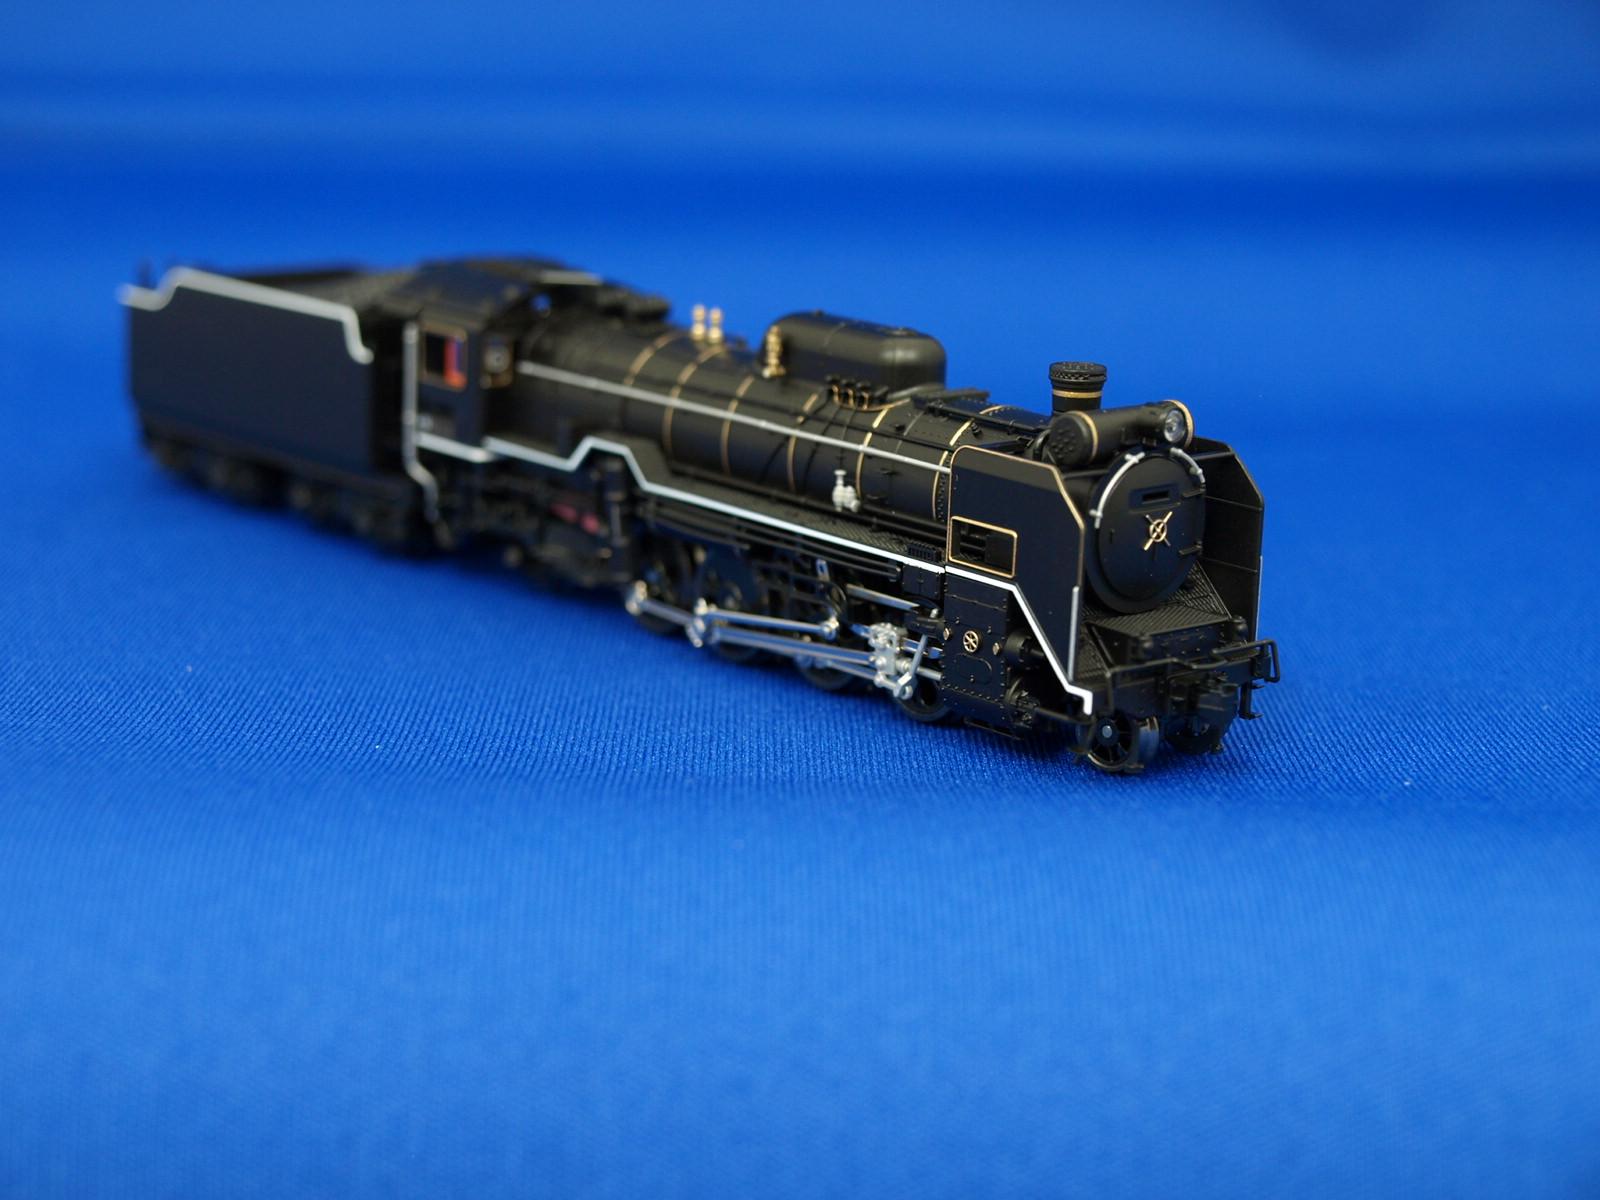 Nゲージ カトー  2016-8 蒸気機関車 D51 200